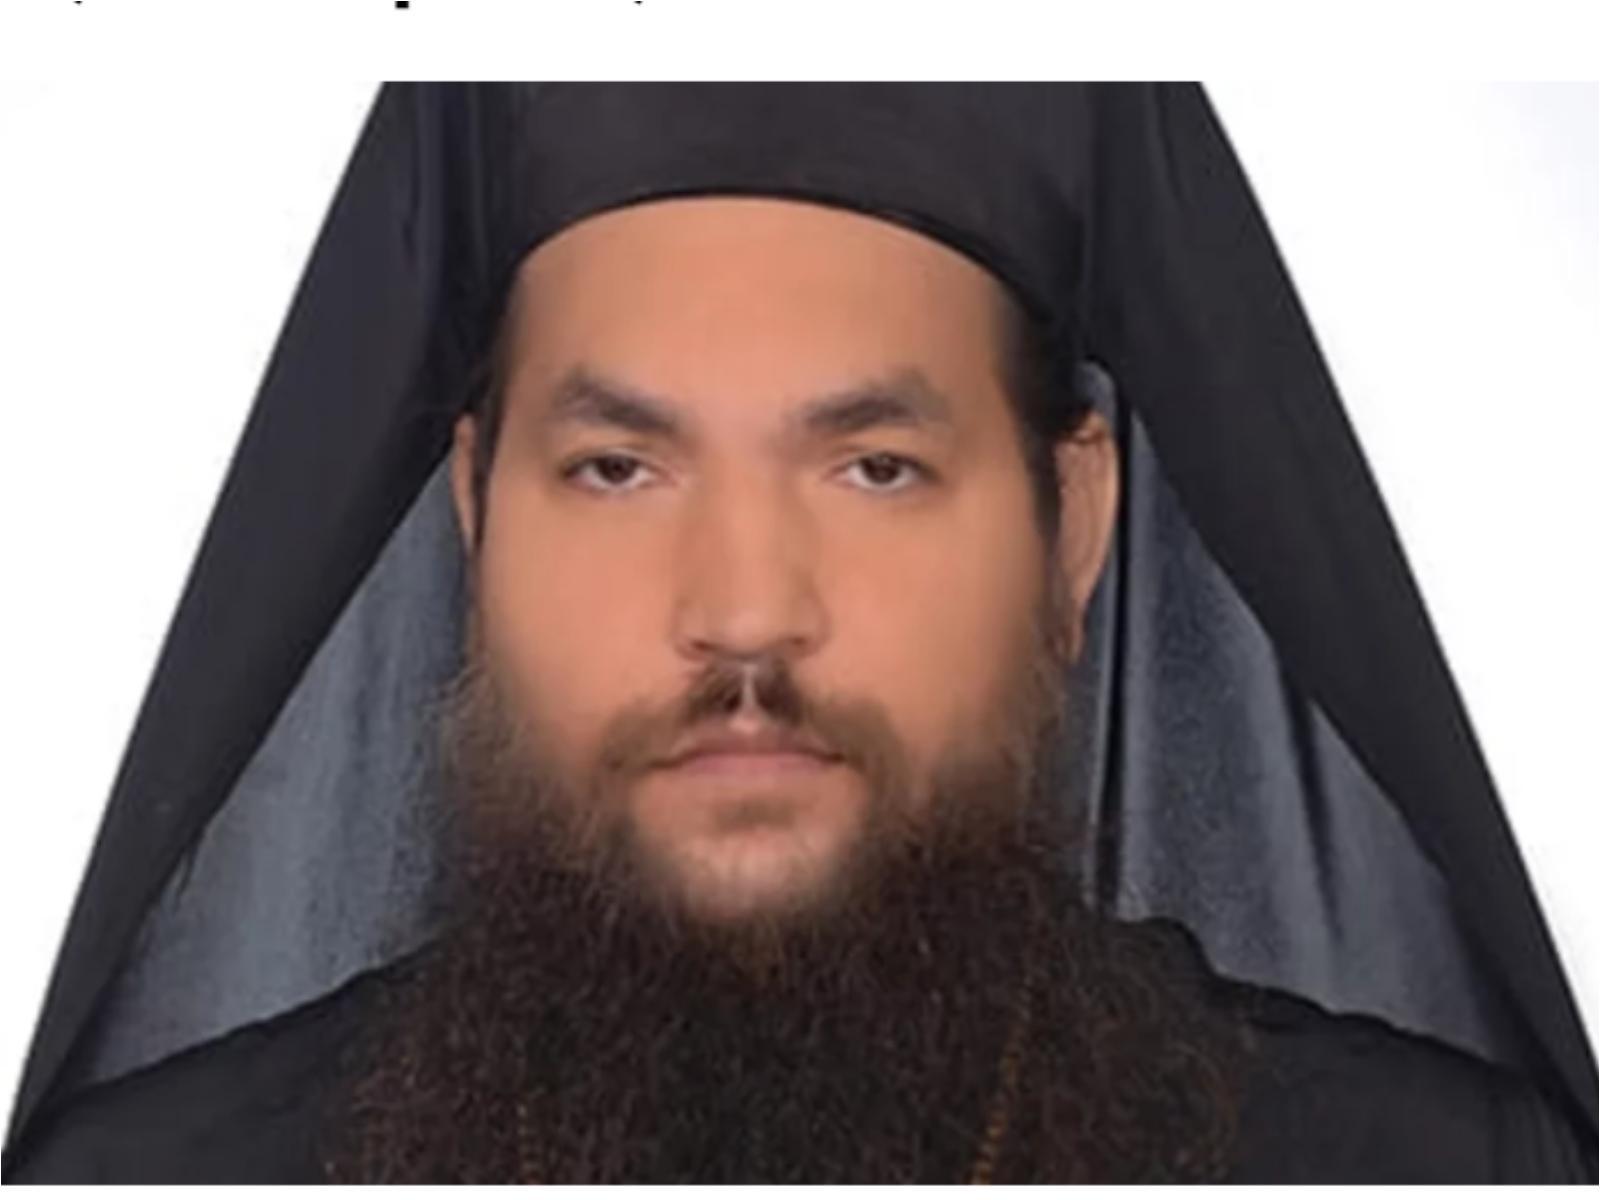 Μονή Πετράκη: Αυτός είναι ο δράστης Ιερέας που έριξε βιτριόλι σε Μητροπολίτες